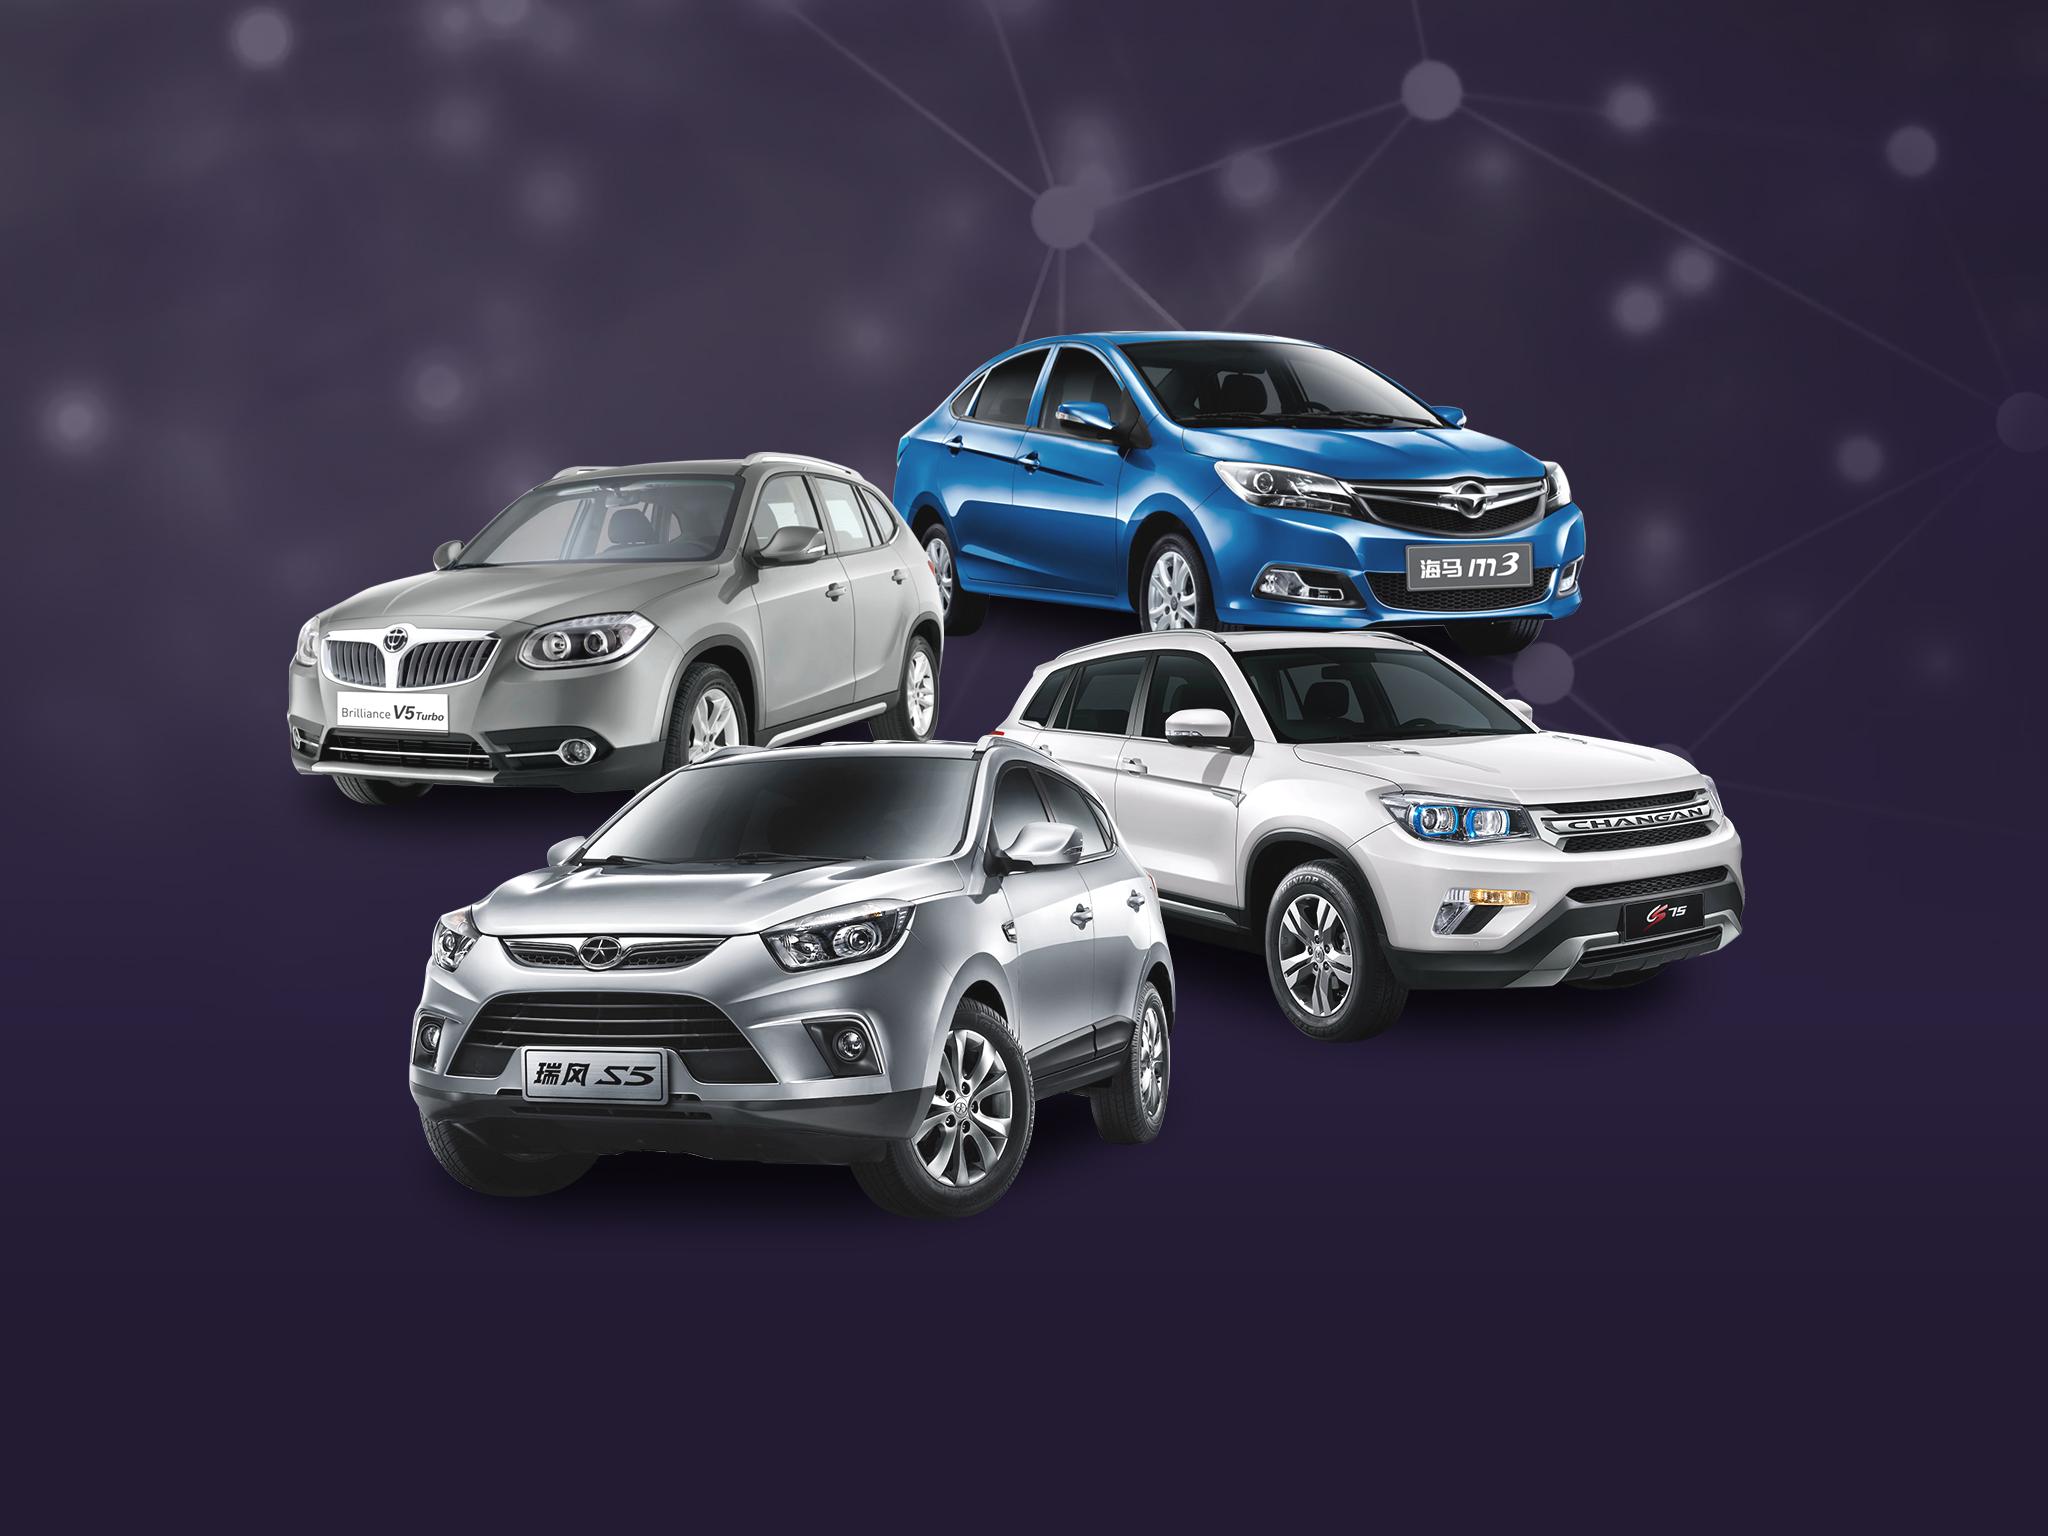 Китайские машины стали лучше и дороже, а продажи в России сильно упали. Есть ли у них будущее?